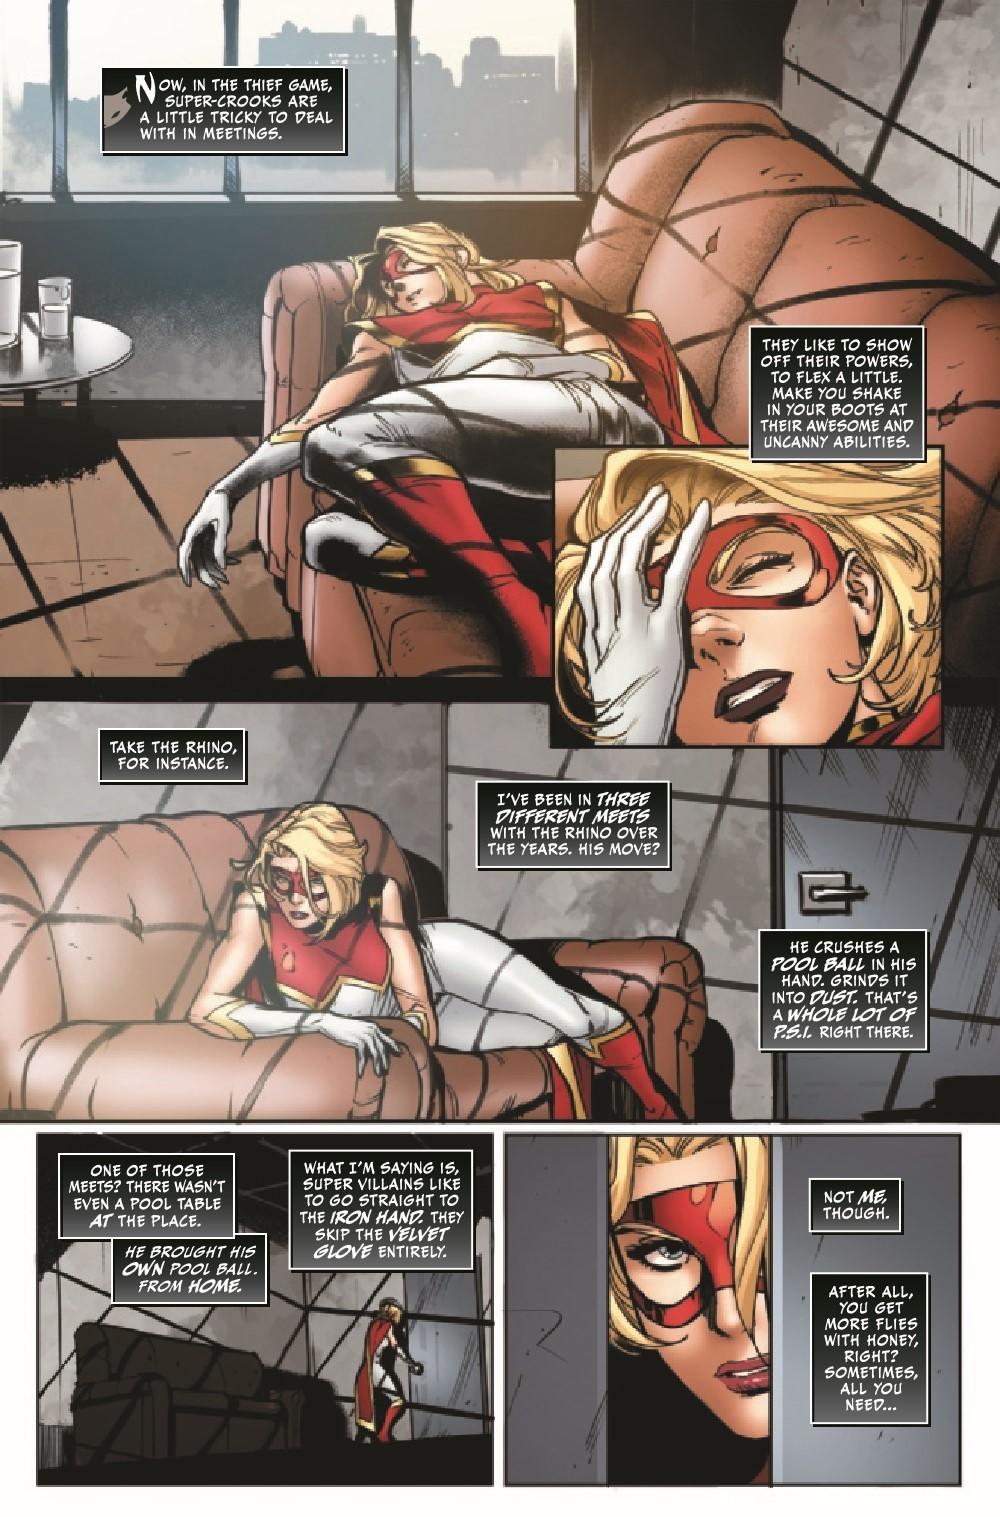 BLACKCAT2020009_Preview-3 ComicList Previews: BLACK CAT #9